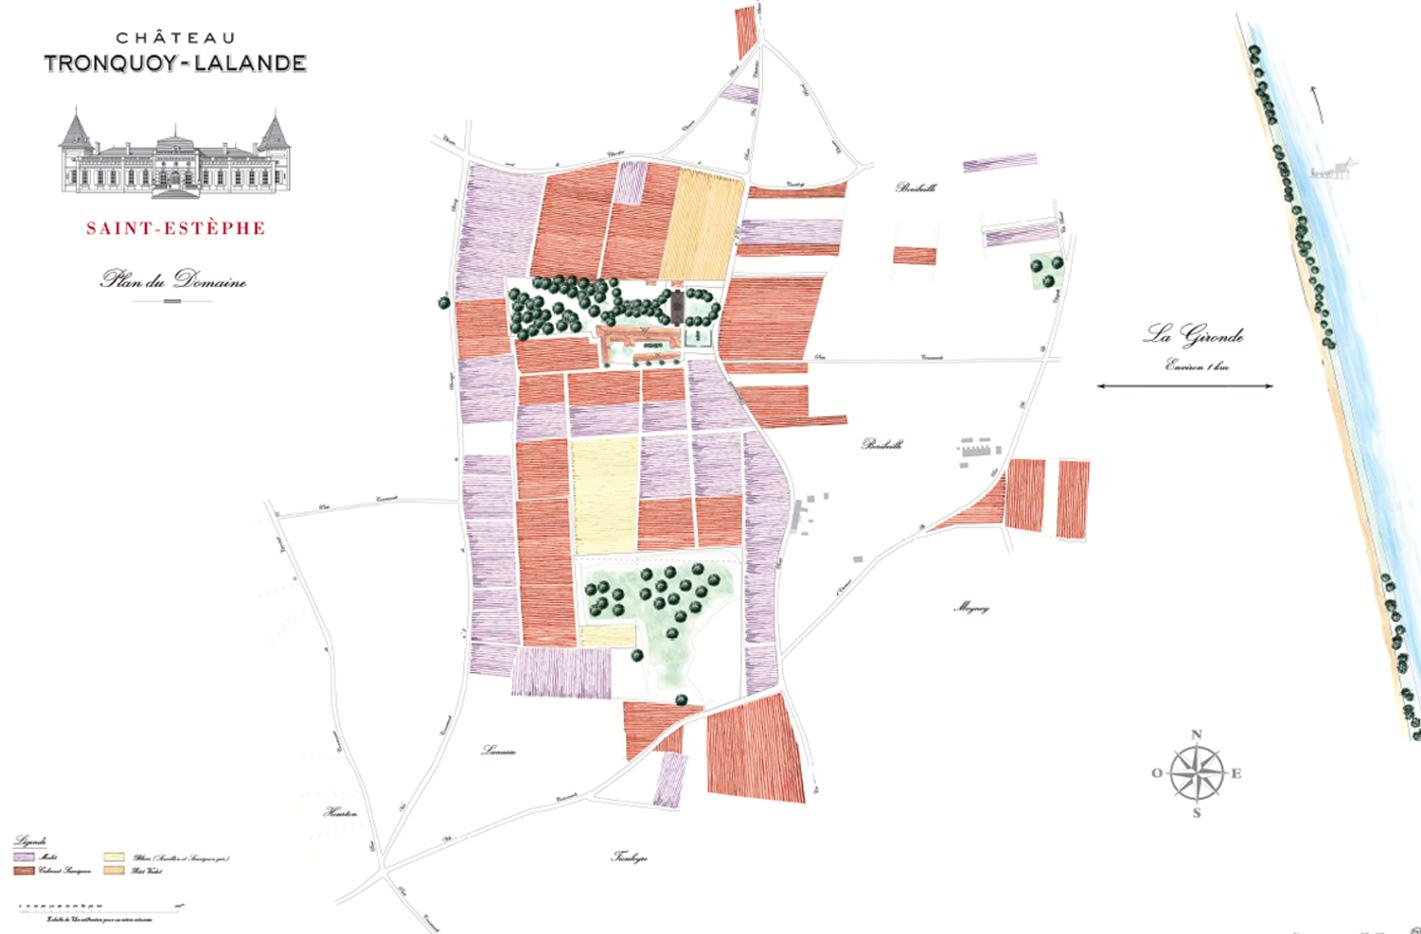 Carte Château Tronquoy-Lalande